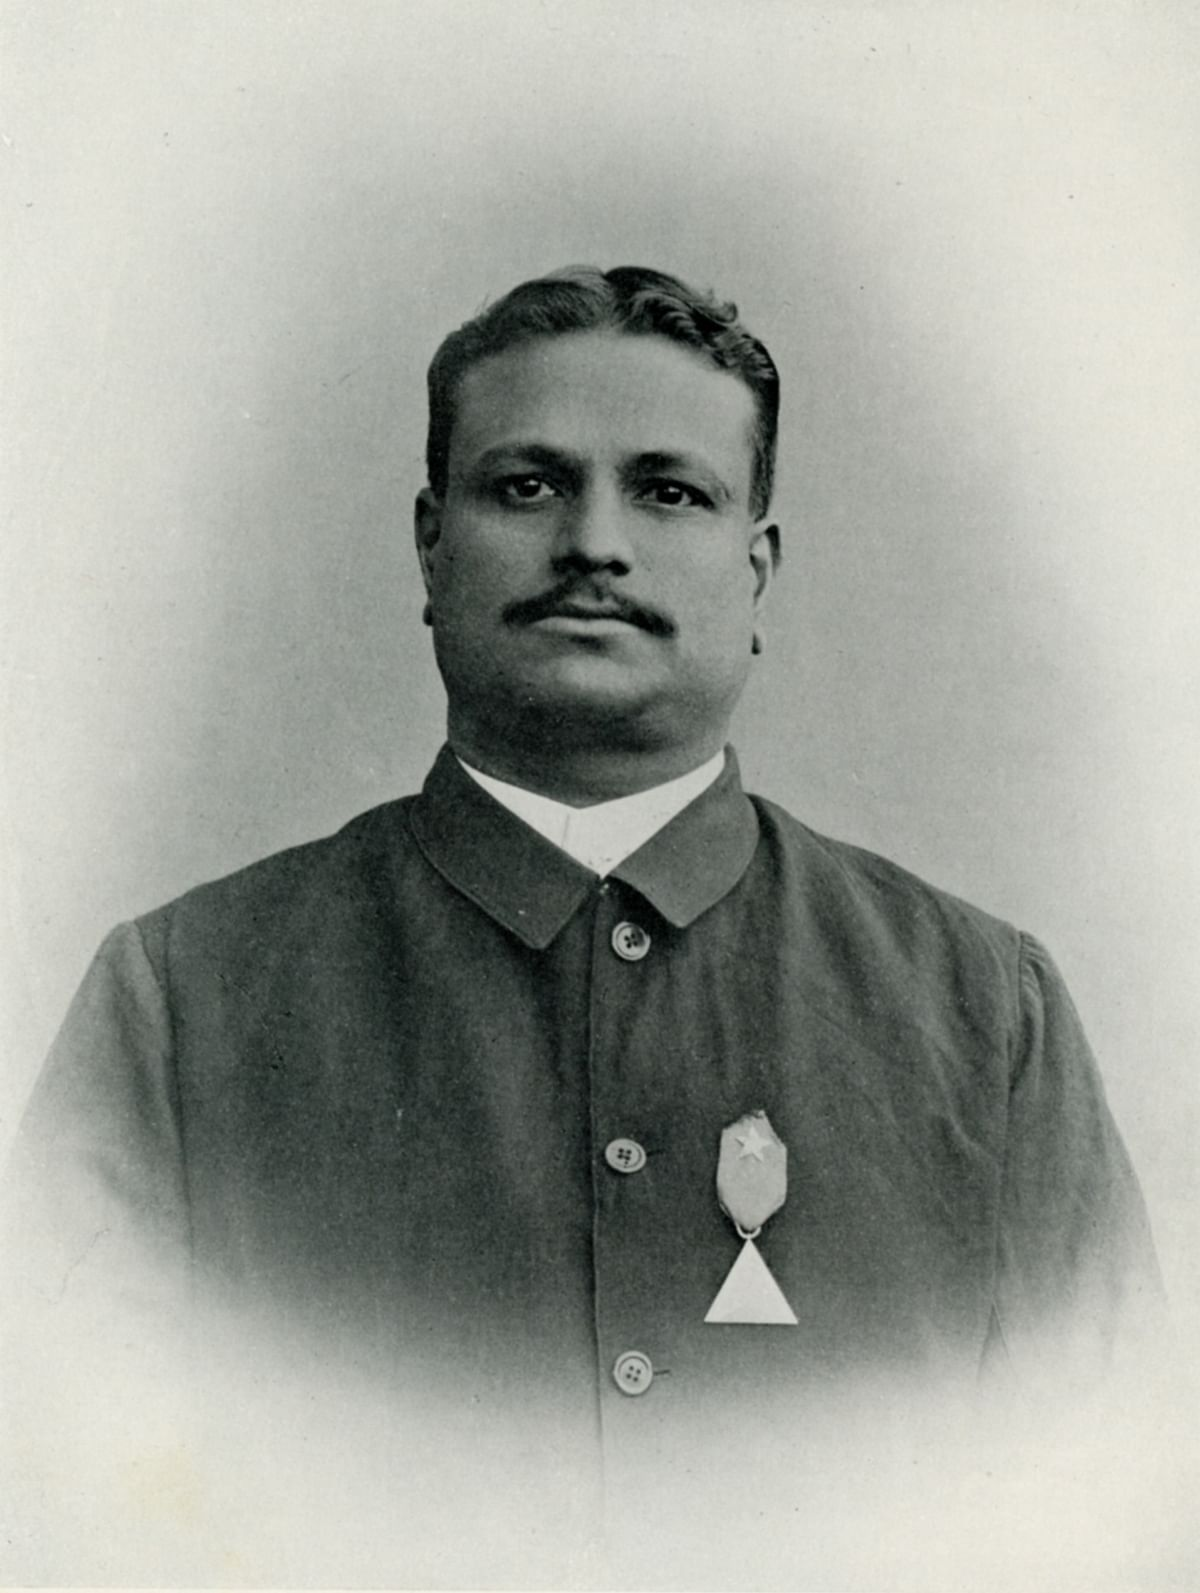 P.K. Telang